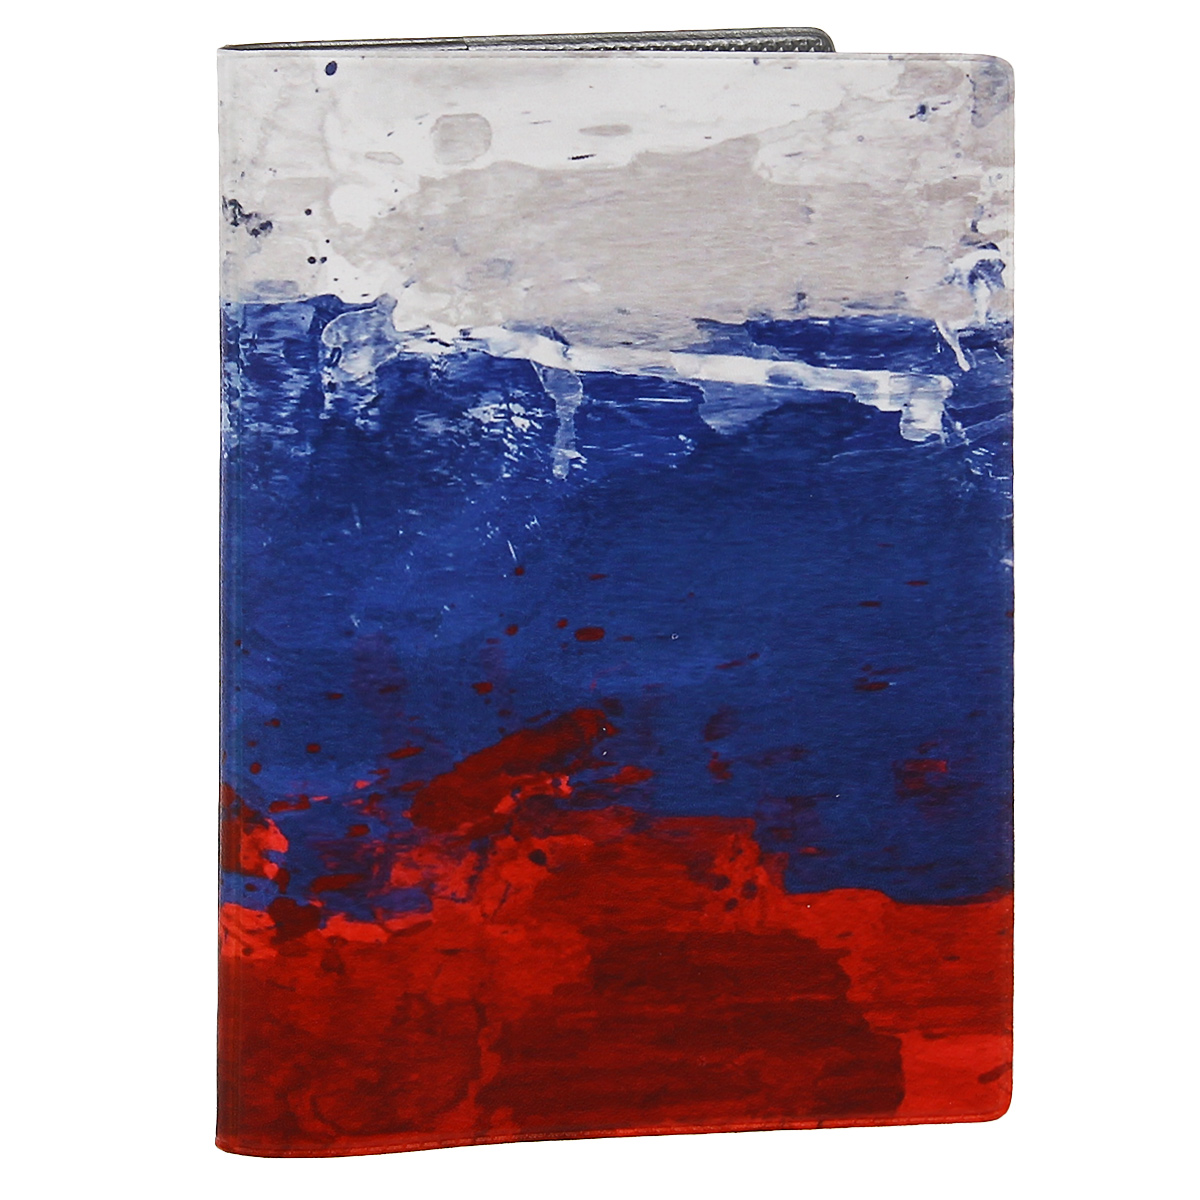 Обложка для автодокументов Флаг Российской Федерации. AUTOZAM293062 BОбложка для автодокументов Mitya Veselkov Флаг Российской Федерации изготовлена из прочного ПВХ и стилизована под нарисованный красками флаг Российской Федерации. На внутреннем развороте имеются съемный блок из шести прозрачных файлов из мягкого пластика для водительских документов, один из которых формата А5, а также два боковых кармашка для визиток или банковских карт.Стильная обложка не только поможет сохранить внешний вид ваших документов и защитит их от грязи и пыли, но и станет аксессуаром, который подчеркнет вашу яркую индивидуальность.